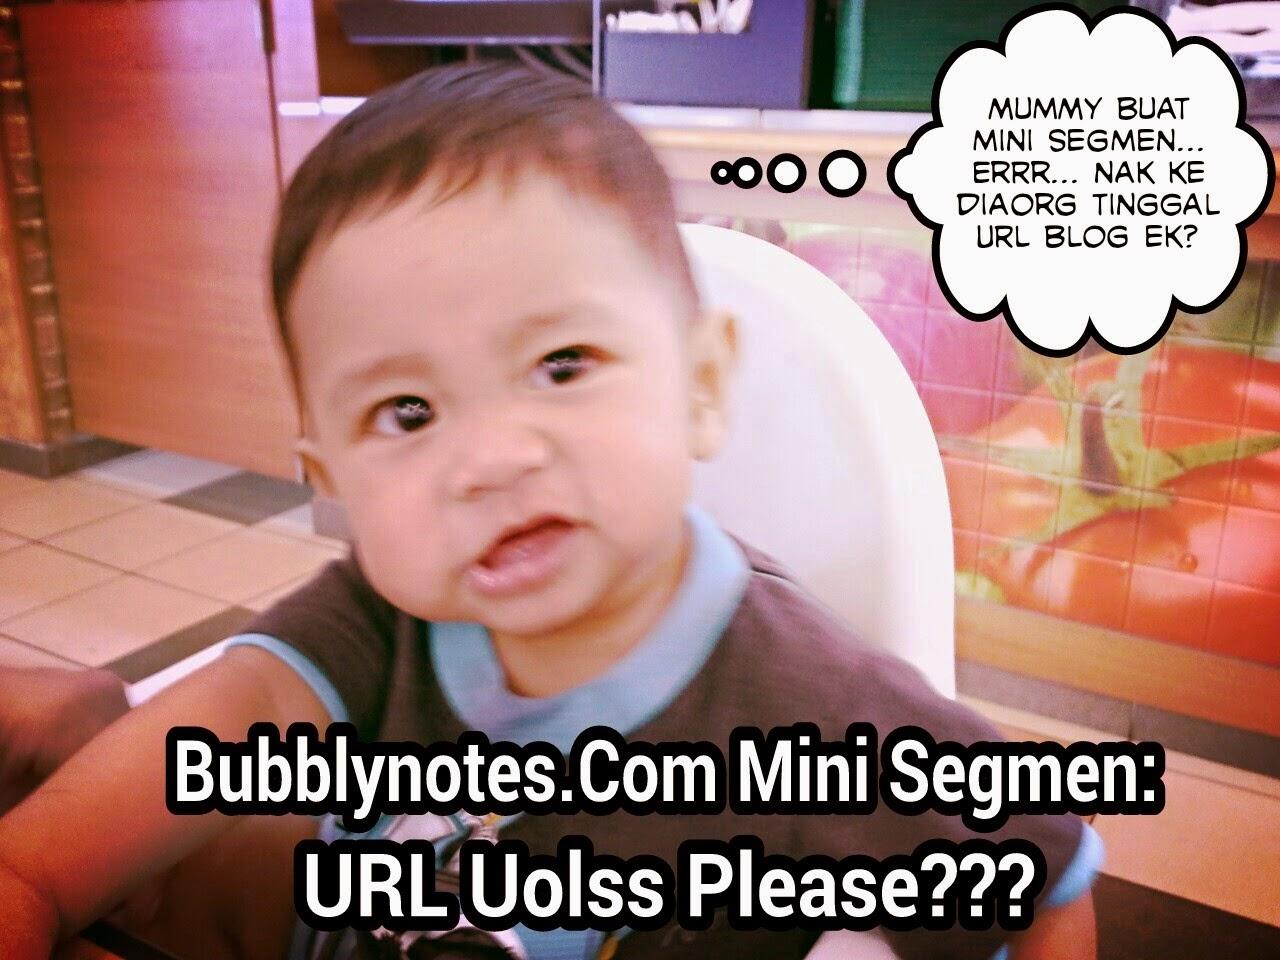 http://www.bubblynotes.com/2014/10/bubblynotescom-mini-segmen-url-uolss.html